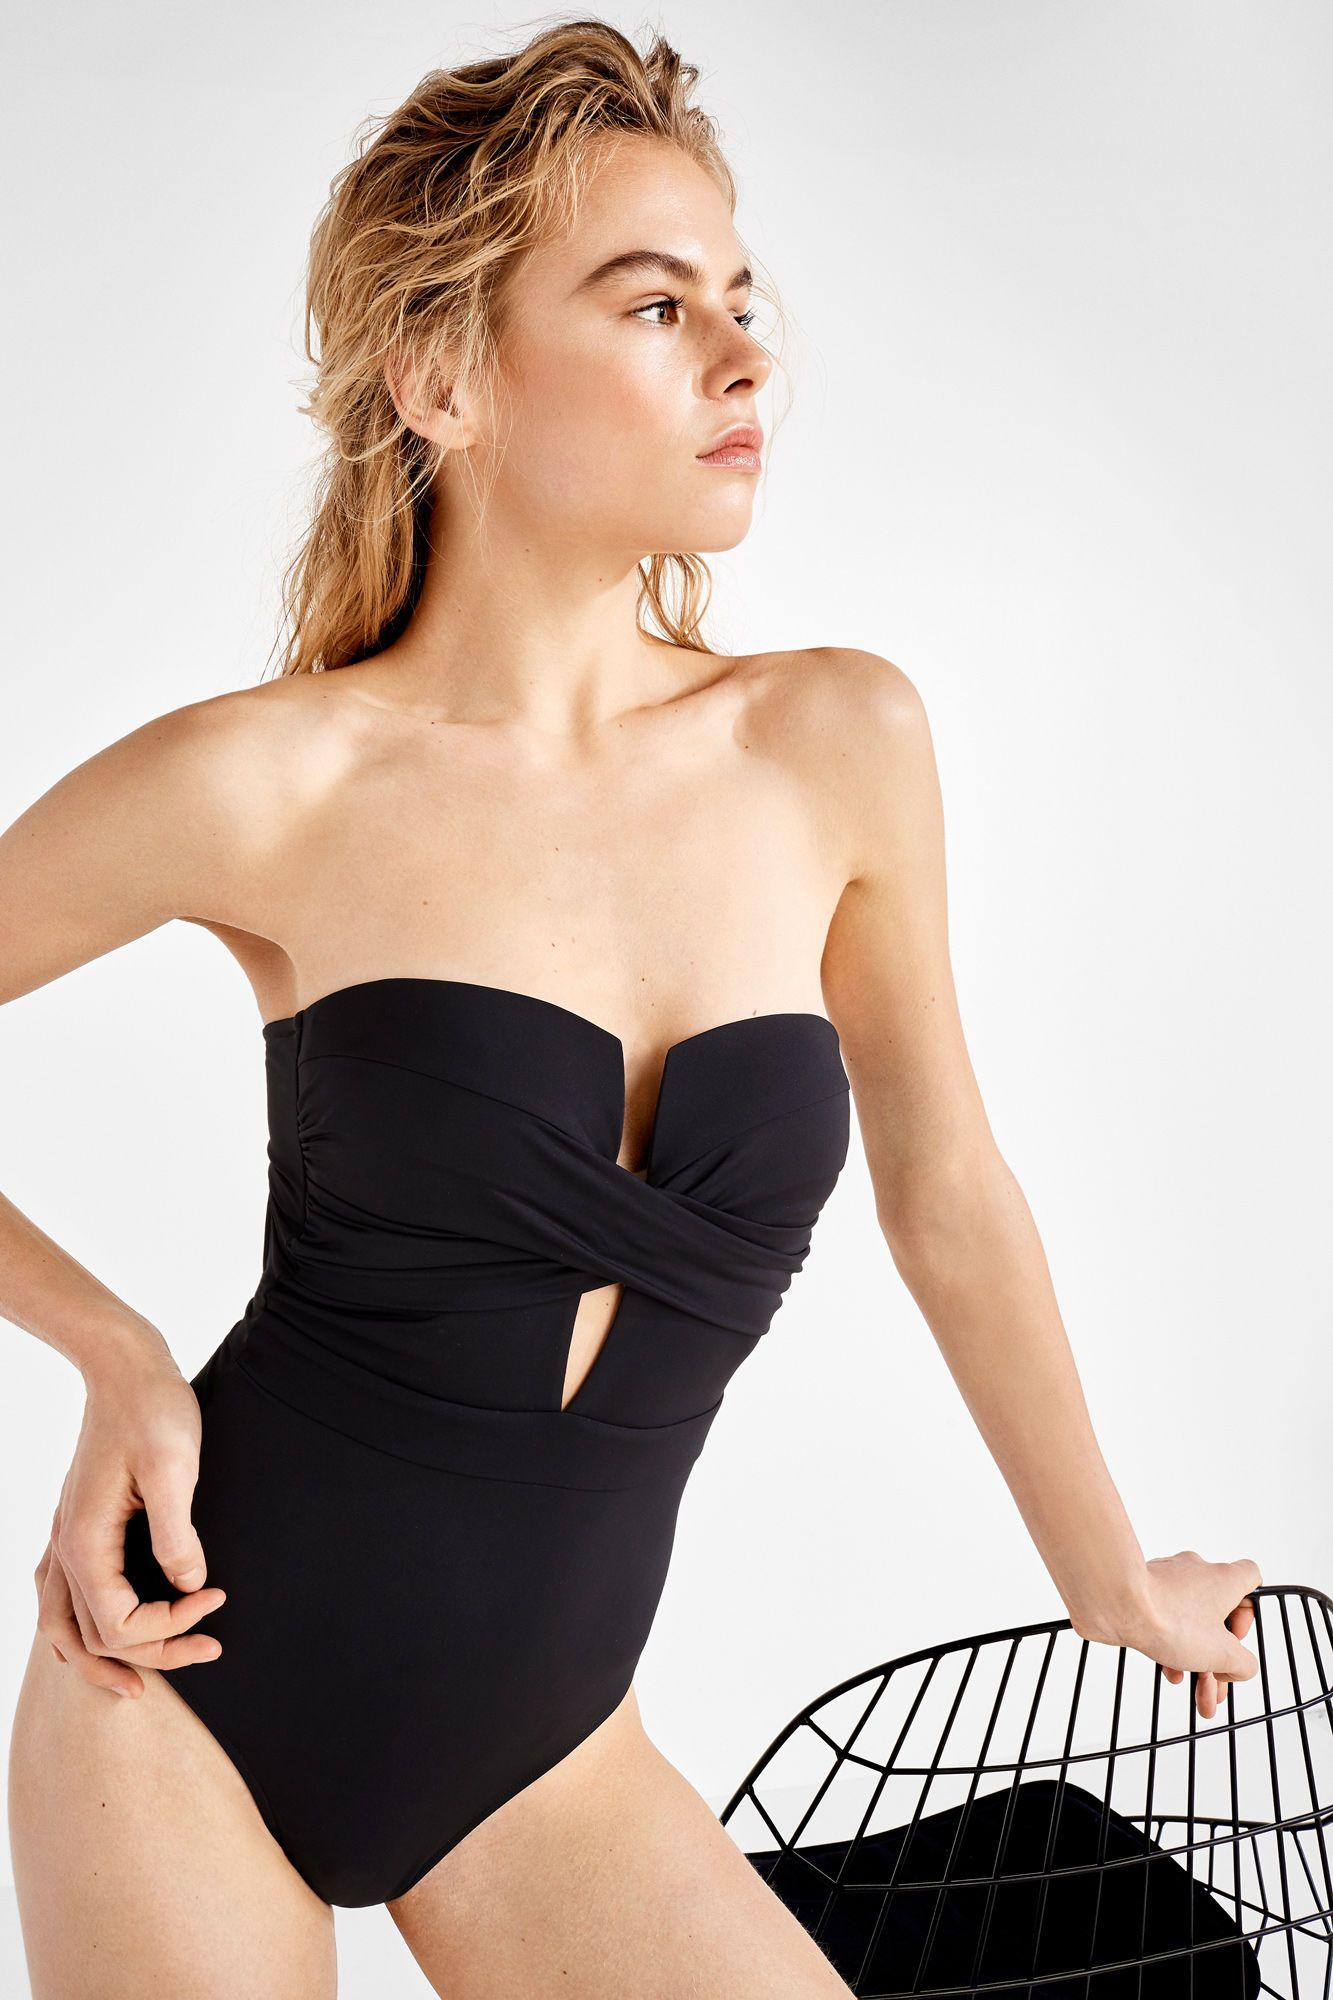 b65b99a62c6 Bañador con escote corazón | Bañadores | Women'secret | Moda ...